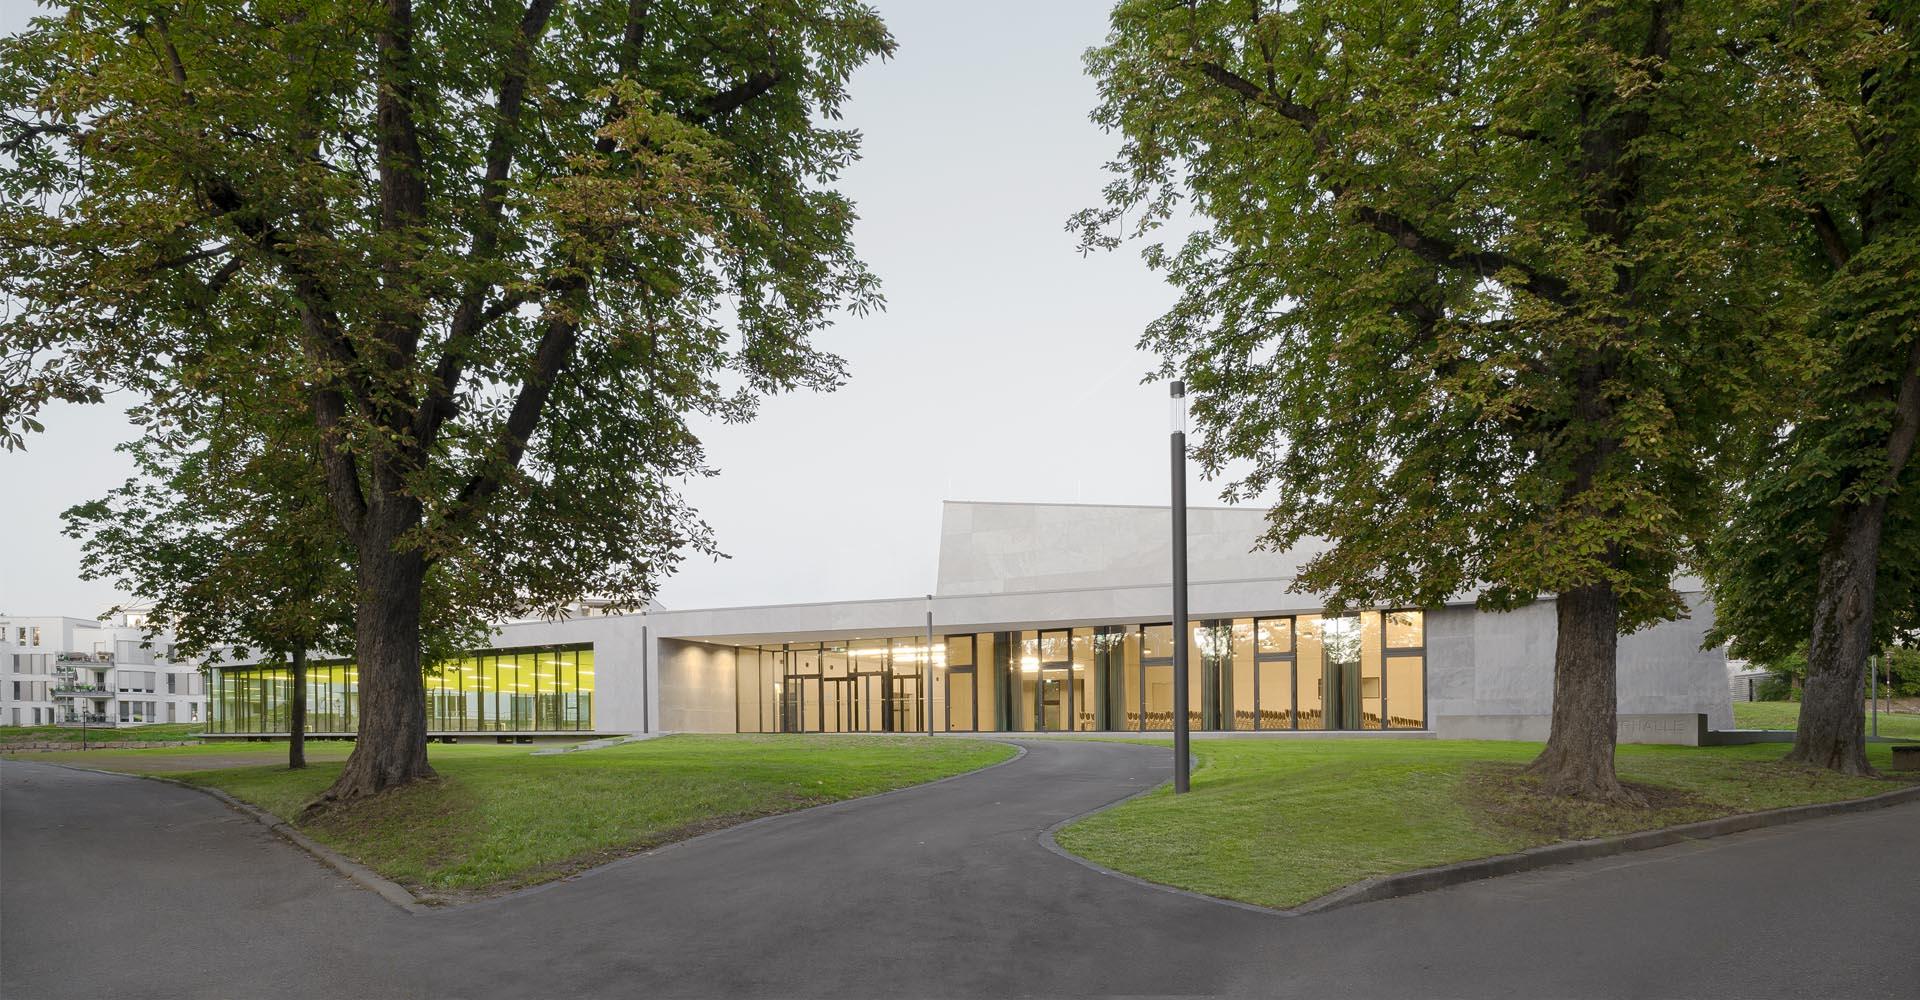 Dusslingen Sport-und Kulturhalle